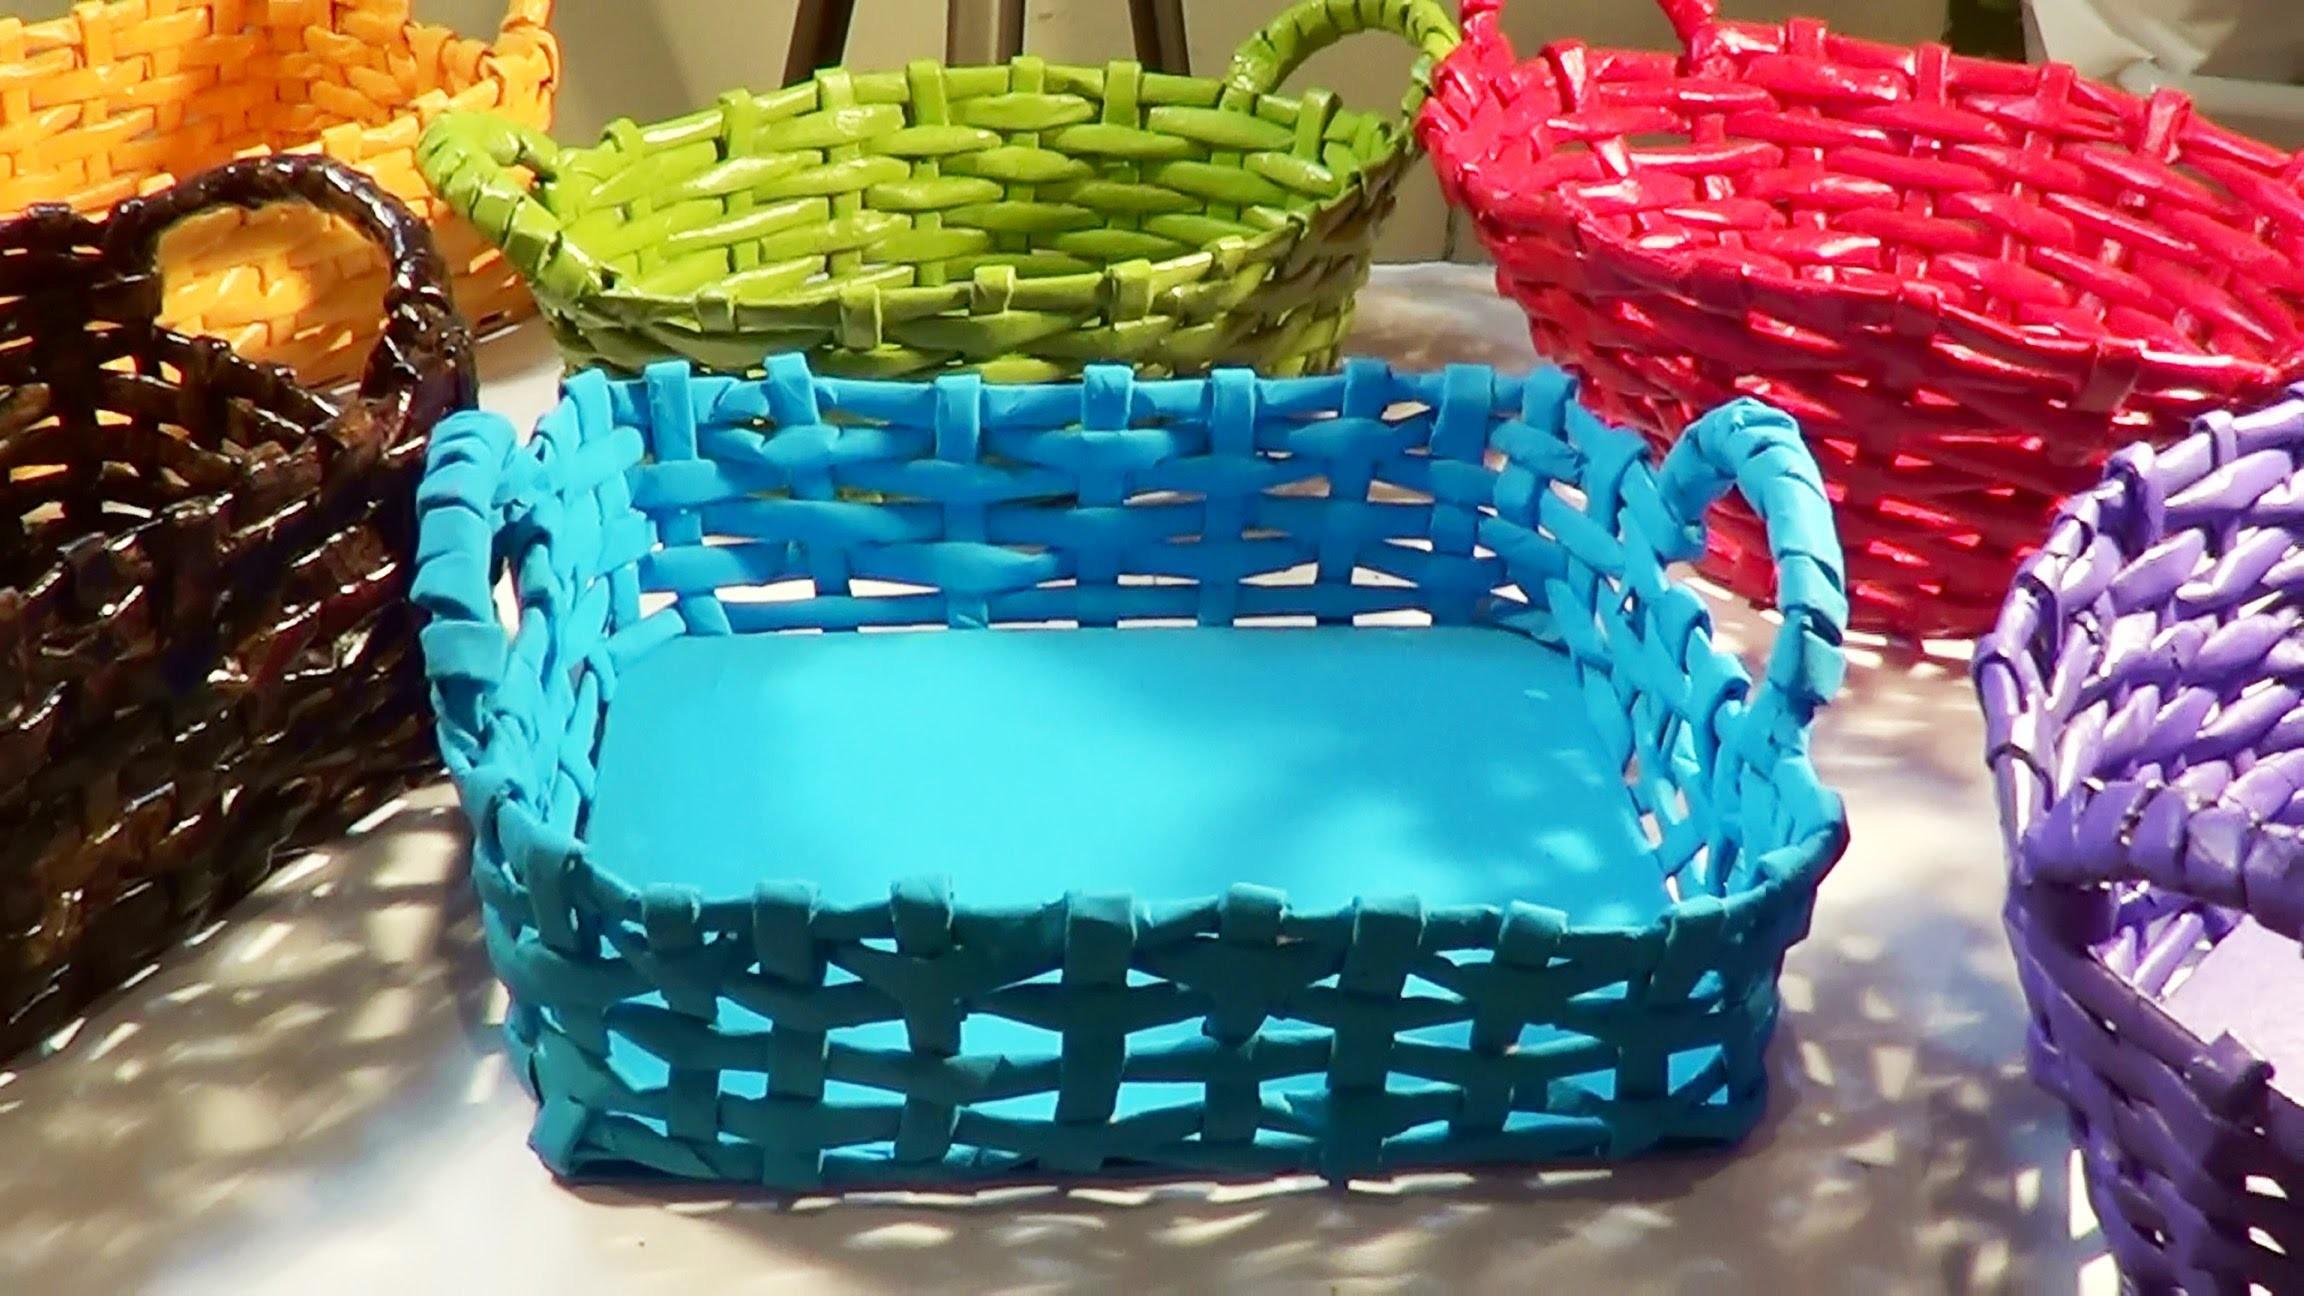 Cesta com alça - Basket with Handle - Canastra con manijas